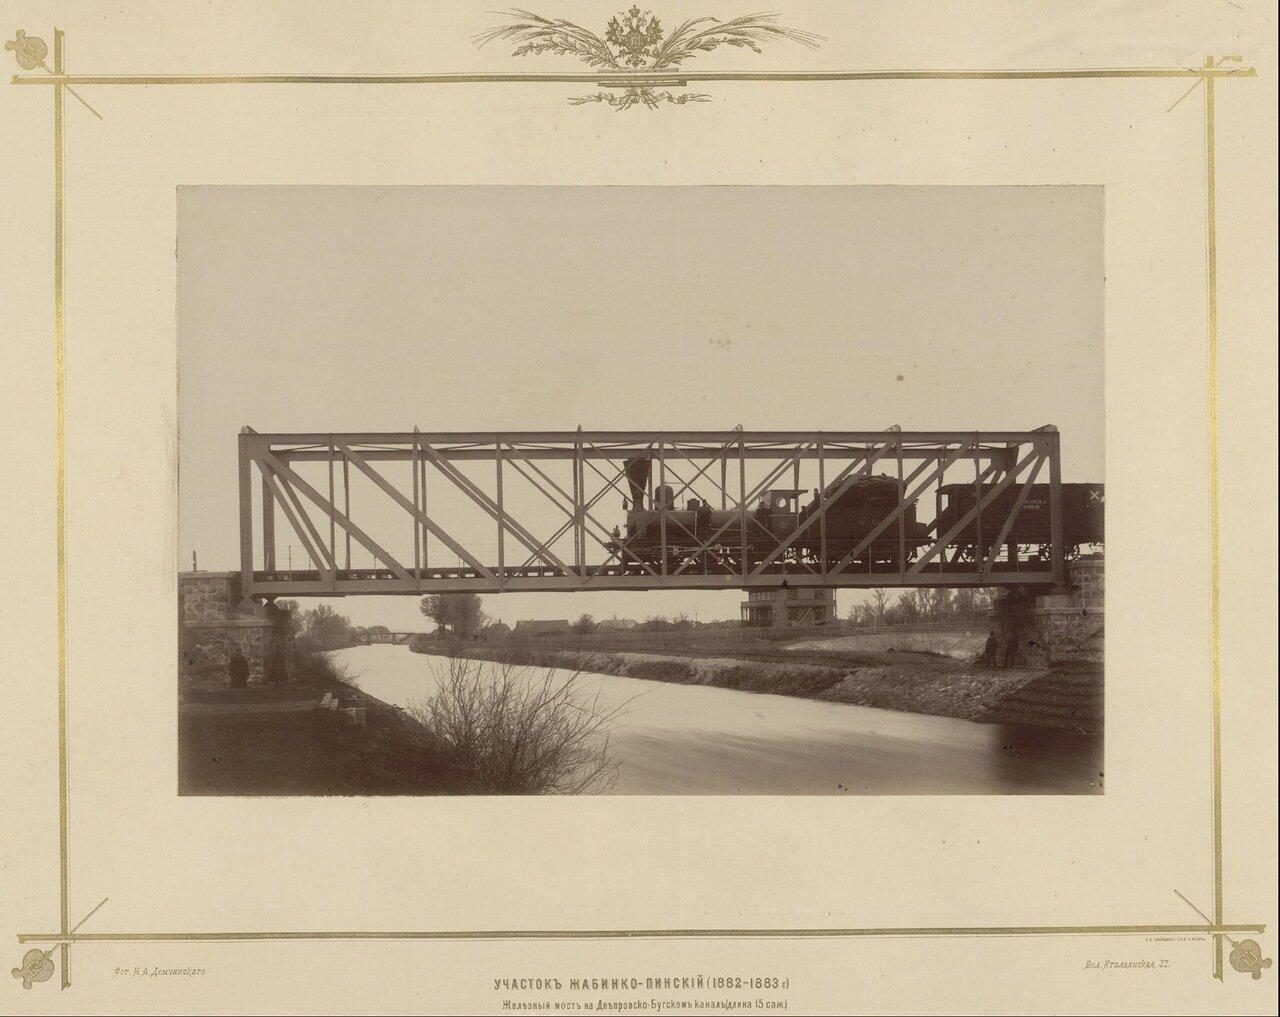 Участок Жабинко-Пинский (1882— 1883г.) Железный мост на Днепровско-Бугском канале.1880-е.